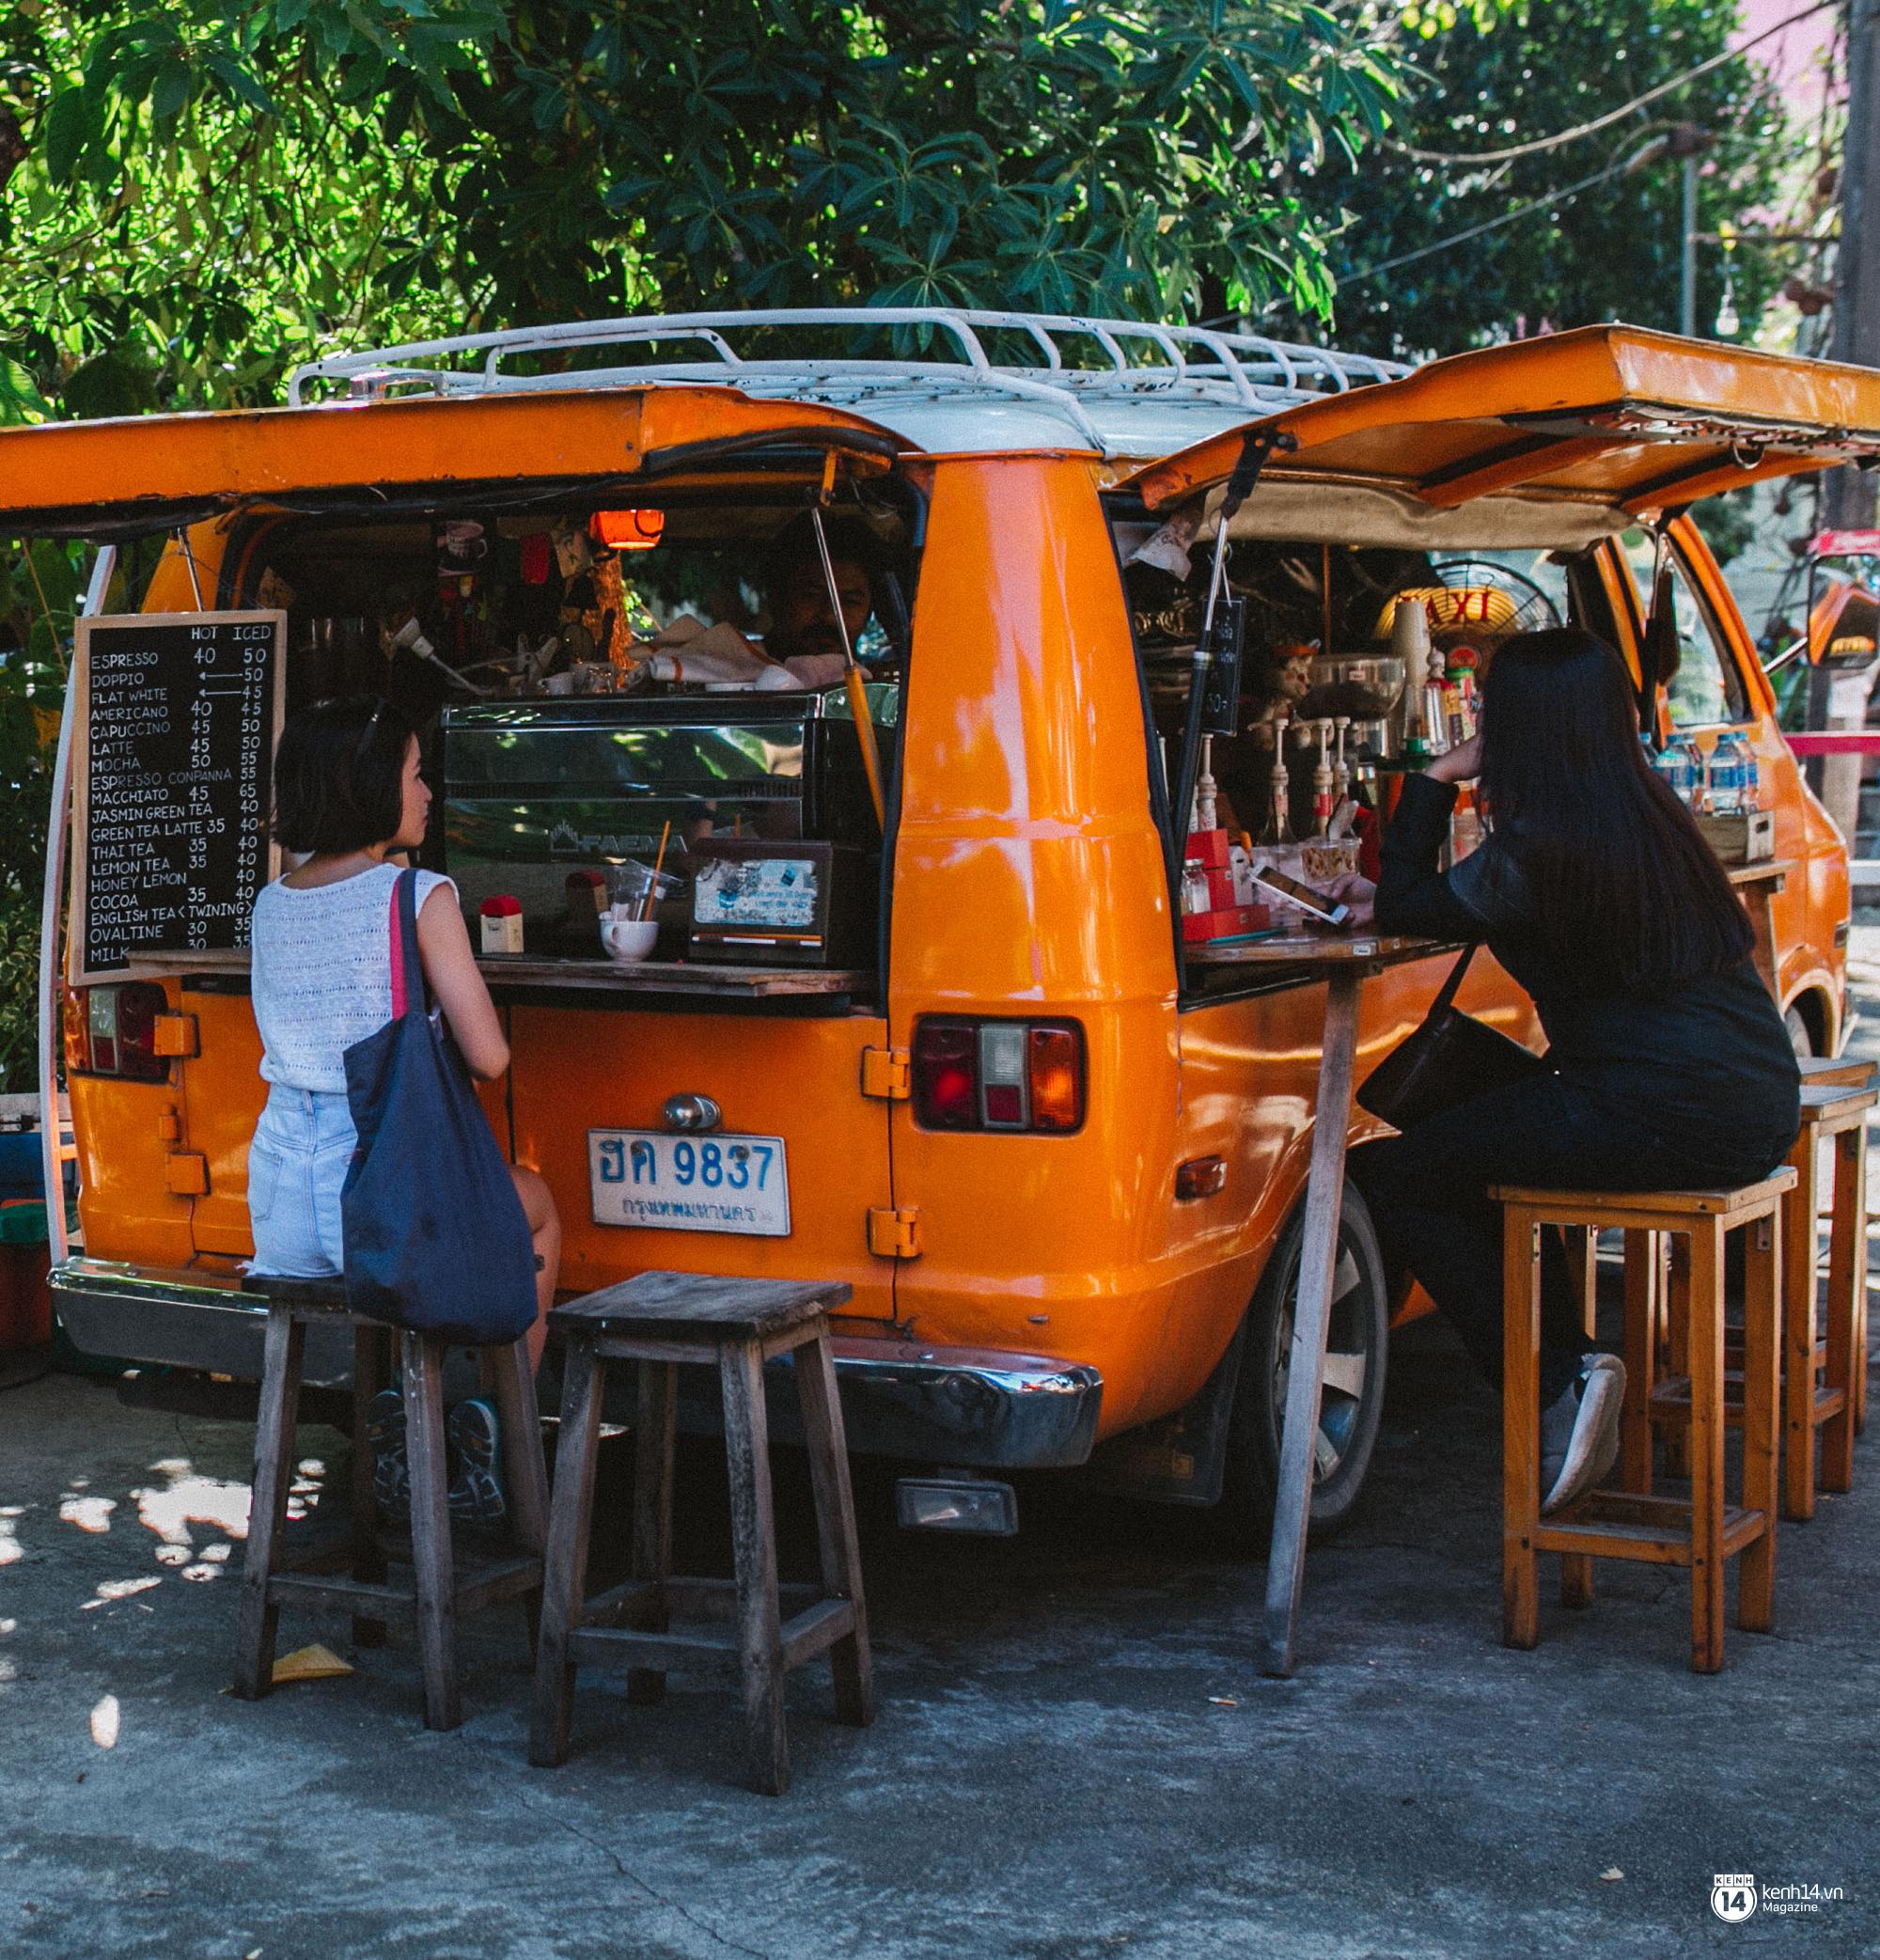 Nếu đã chán mua sắm ở Bangkok, sao không thử đến Chiang Mai tận hưởng sự thanh bình - Ảnh 3.